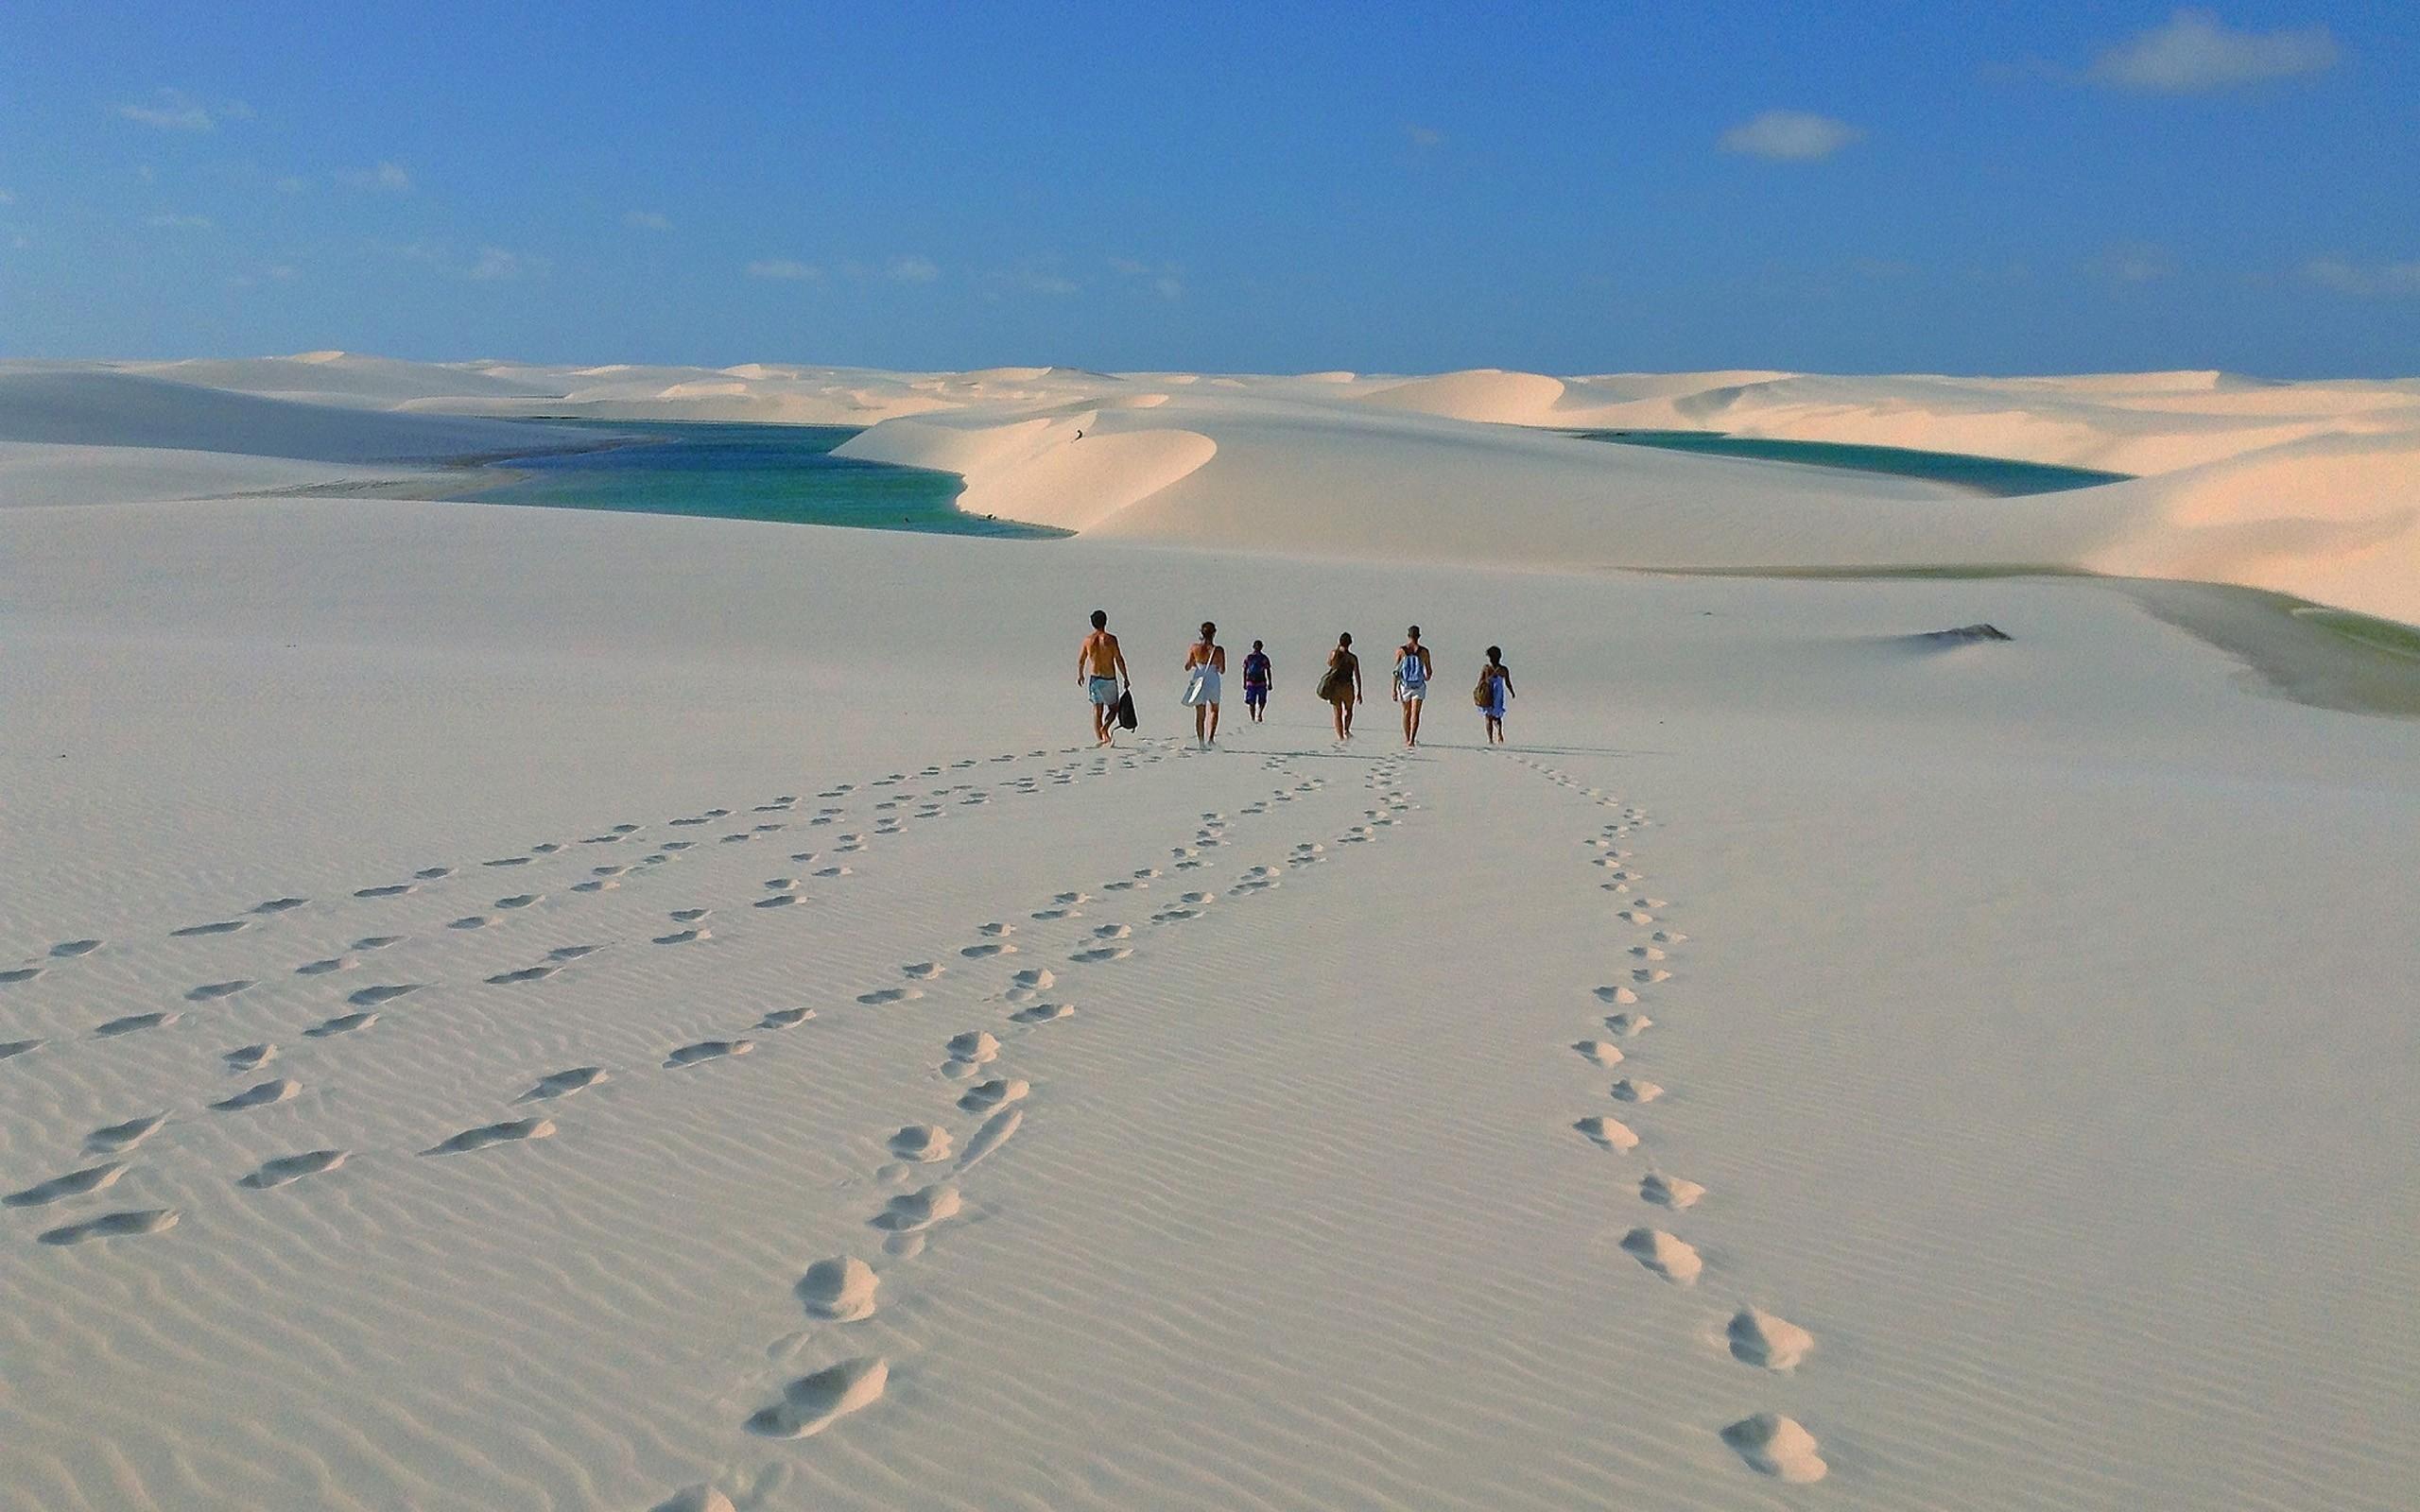 Caminata en el desierto - 2560x1600